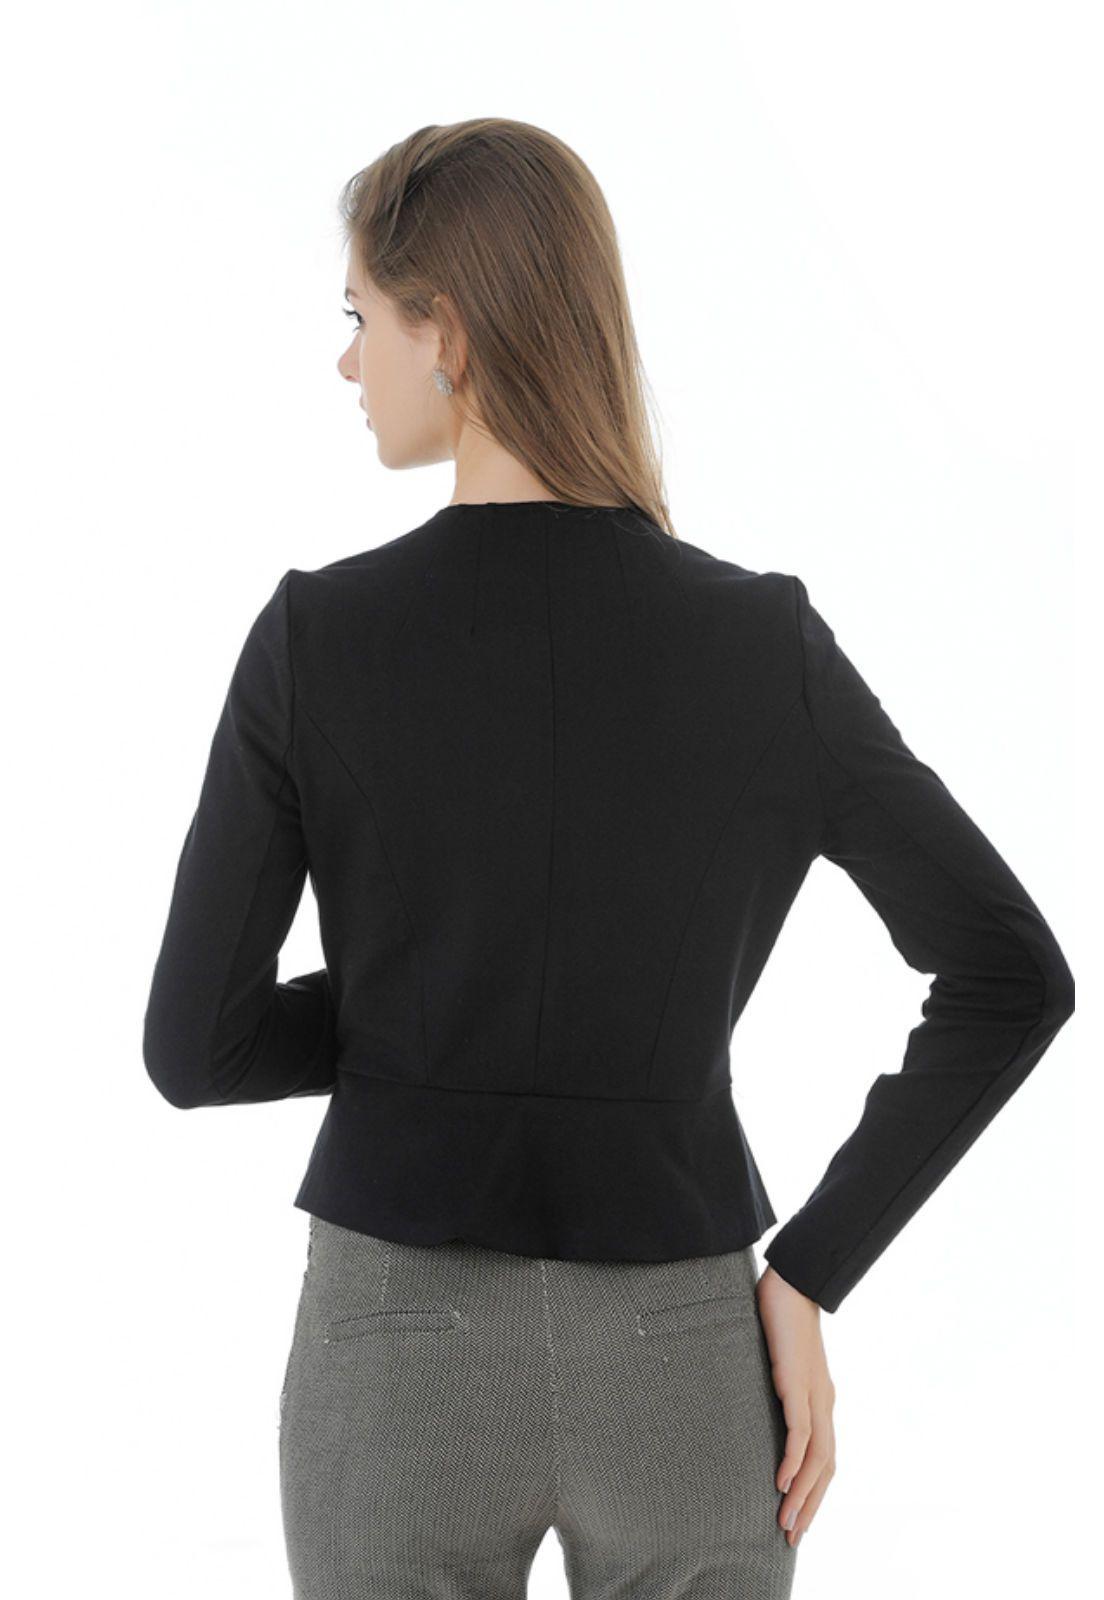 Terninho feminino preto